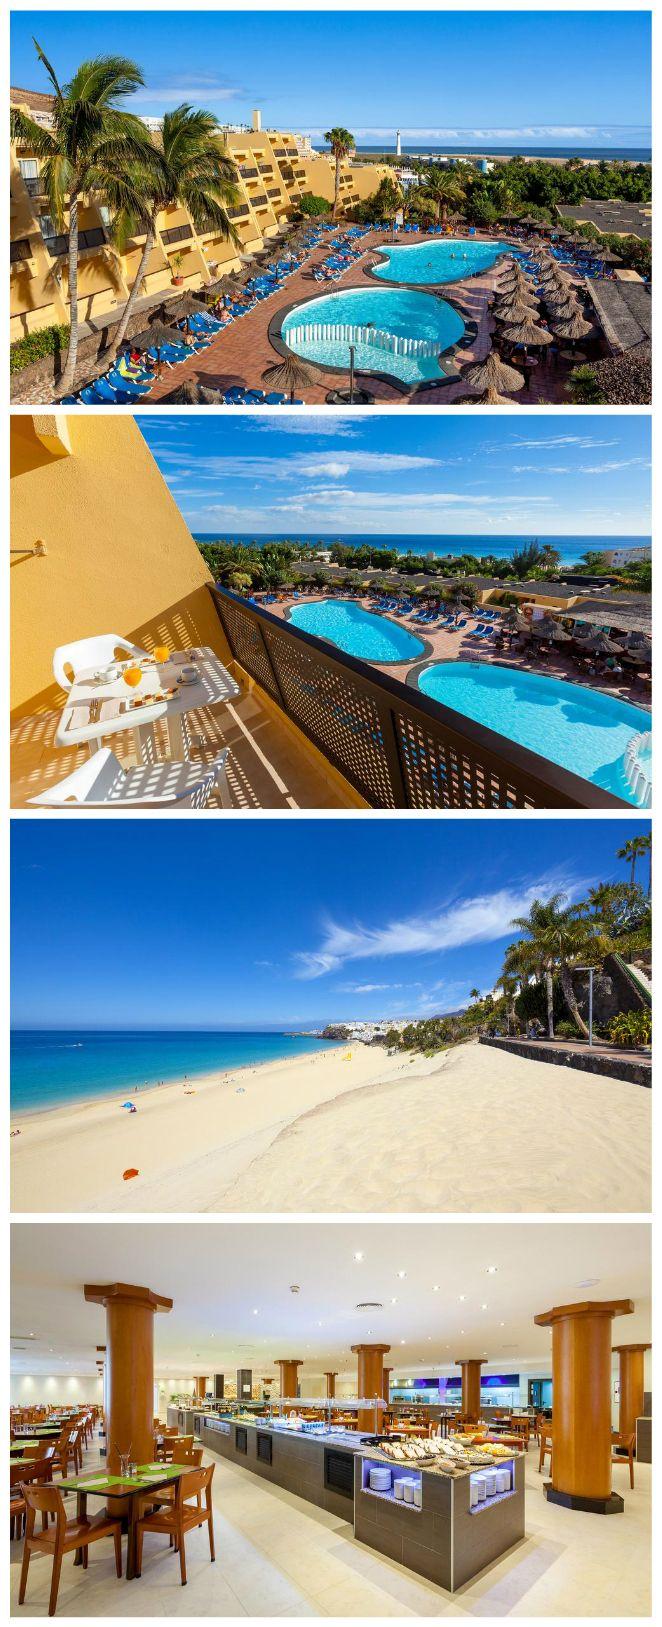 Sol Jadína Mar*** Kanári-szigetek, Fuerteventura | | 5 nap üdülés 06.04-tól, repülővel, all inclusive ellátással 117 641 Ft-tól! Ne hagyd ki ezt a szuper lehetőséget, foglald le most az Invia.hu-n! | https://hotel.invia.hu/kanari-szigetek/fuerteventura/sol-jandia-mar/tour-1028907/?id=106909613